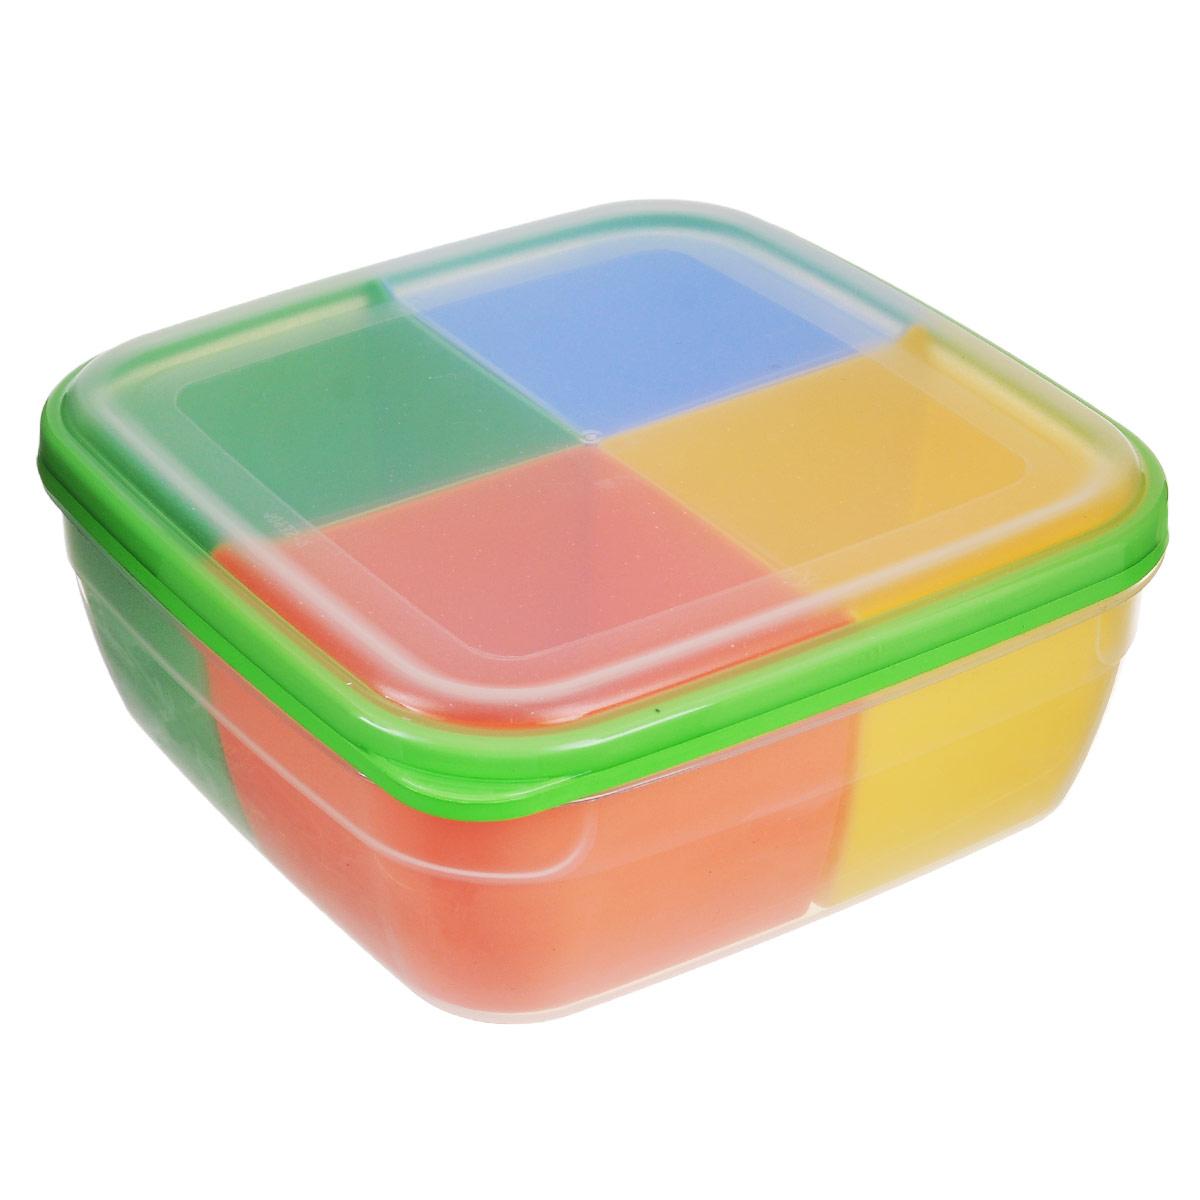 Контейнер-менажница для СВЧ Полимербыт, с крышкой, цвет: прозрачный, зеленый, голубой, 2,2 лVT-1520(SR)Контейнер-менажница для СВЧ Полимербыт изготовлен из высококачественного прочного пластика, устойчивого к высоким температурам (до +120°С). Крышка плотно закрывается, дольше сохраняя продукты свежими и вкусными. Контейнер снабжен 4 цветными съемными секциями, которые позволяют хранить сразу несколько продуктов или блюд. Он идеально подходит для хранения пищи, его удобно брать с собой на работу, учебу, пикник или просто использовать для хранения пищи в холодильнике.Можно использовать в микроволновой печи и для заморозки в морозильной камере. Можно мыть в посудомоечной машине. Размер секции: 9 х 9 х 7 см.